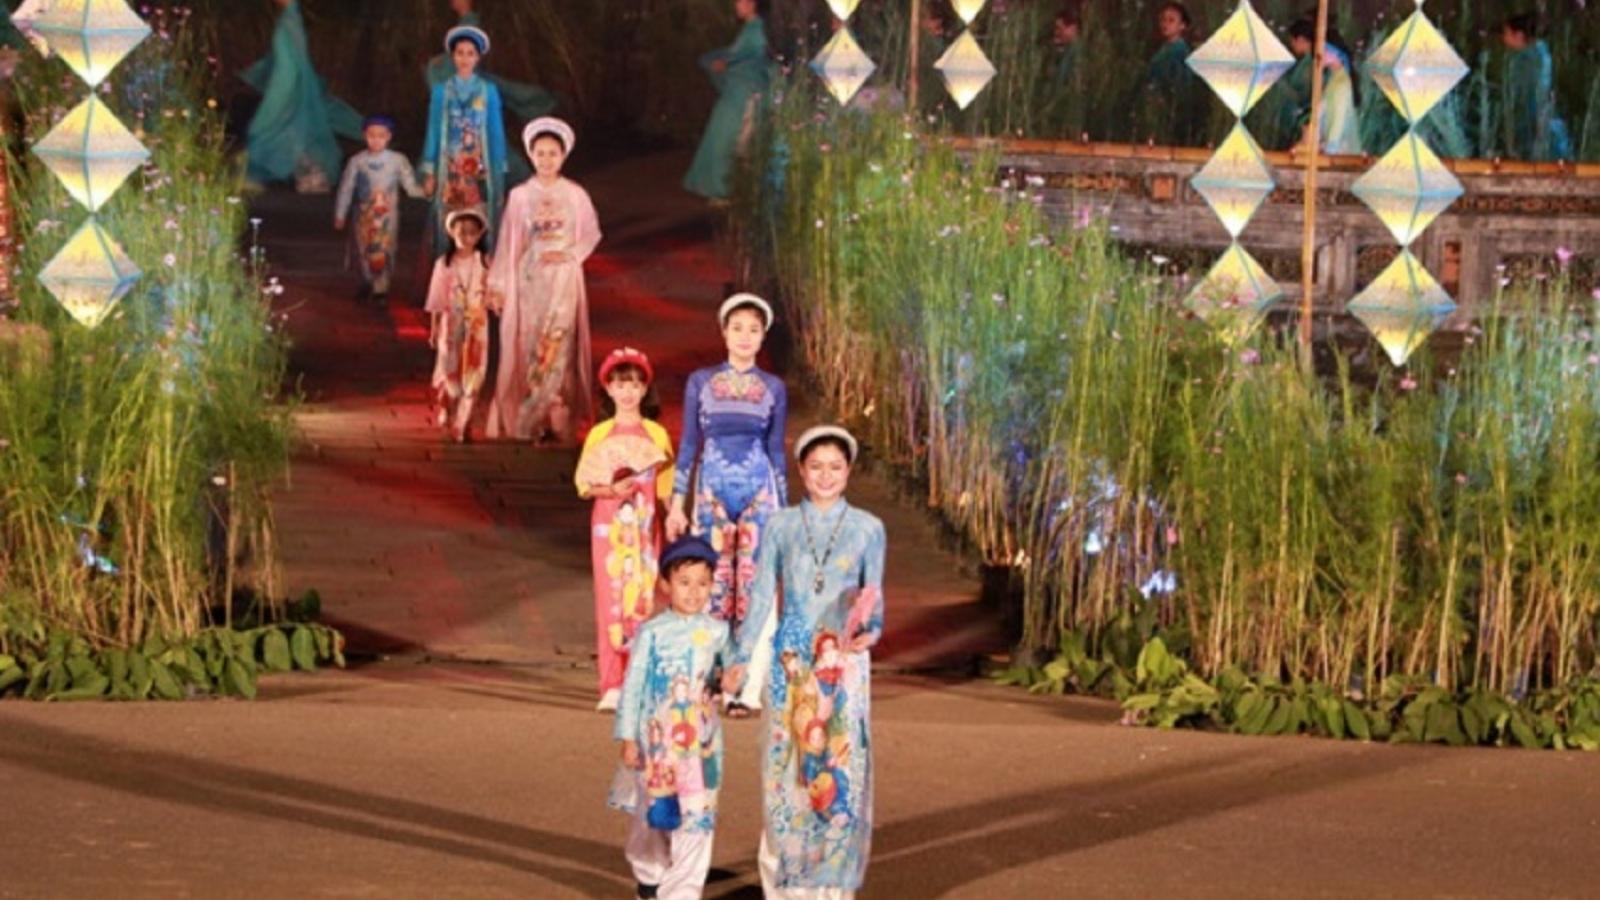 Nhiều lễ hội kích cầu du lịch diễn ra trong tháng 12 ởThừa Thiên-Huế